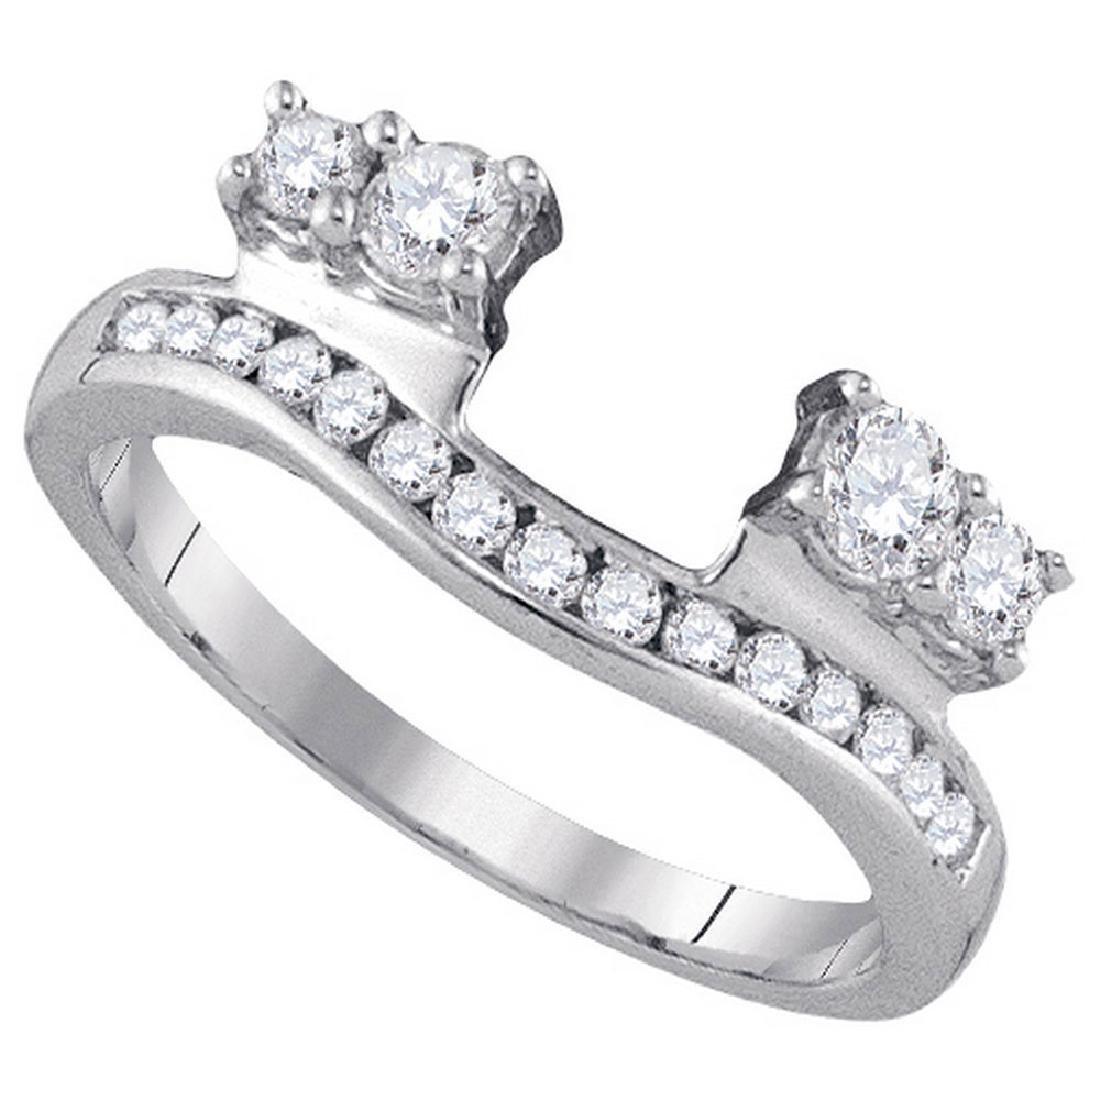 0.50 CTW Diamond Ring 14KT White Gold - REF-52W4K